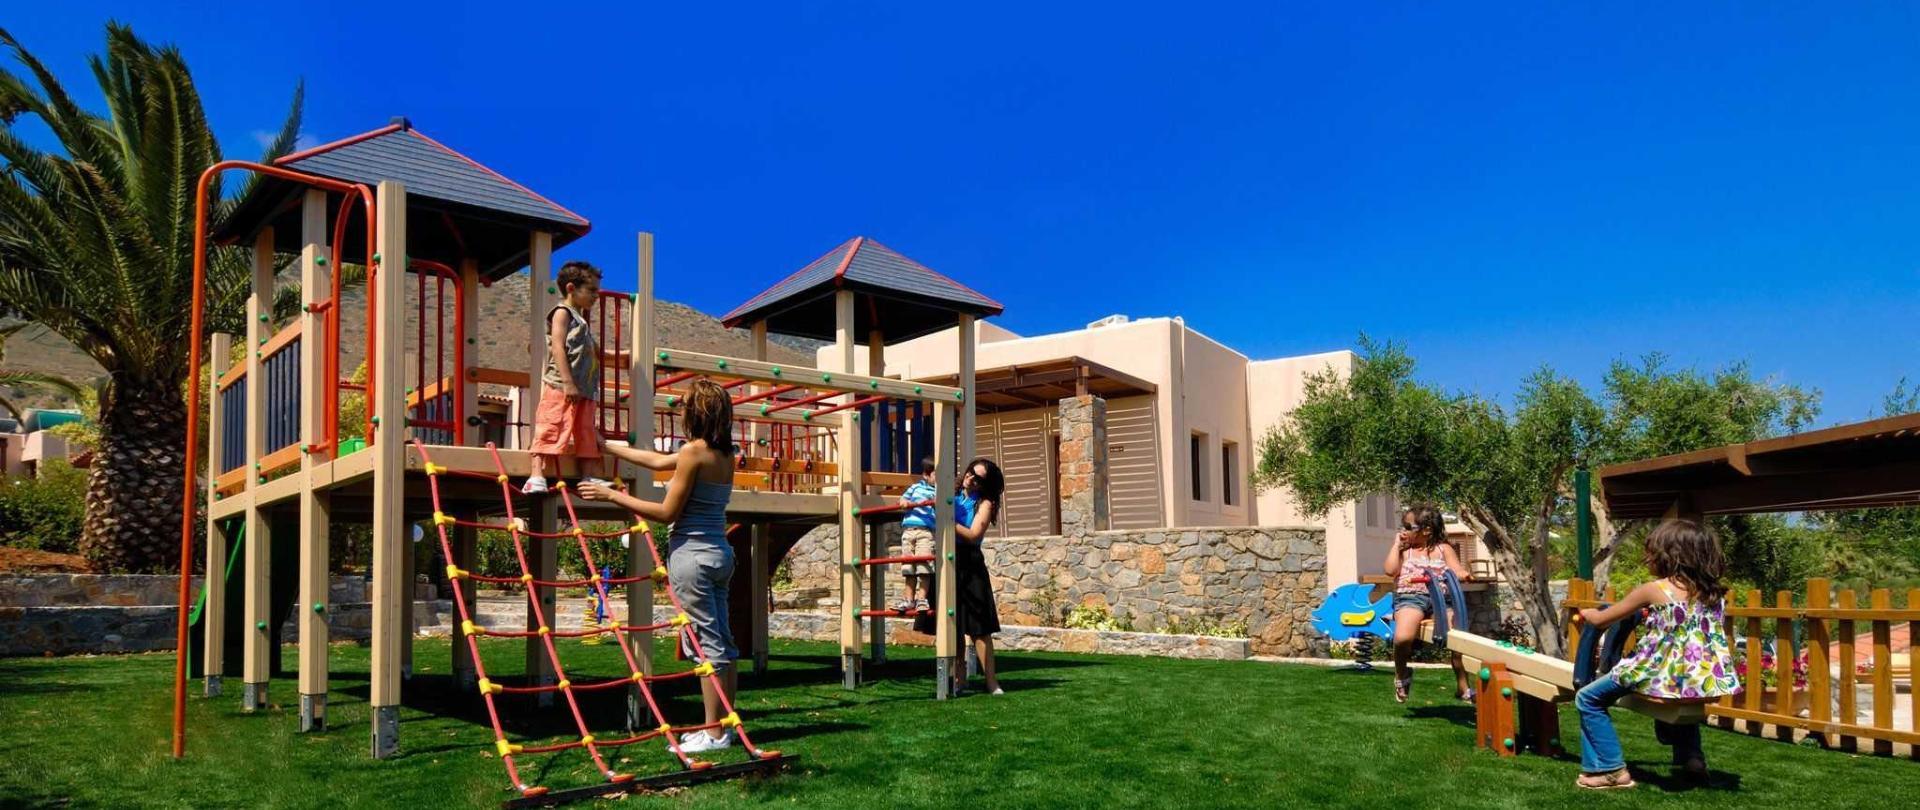 ida-playground-1-1.jpg